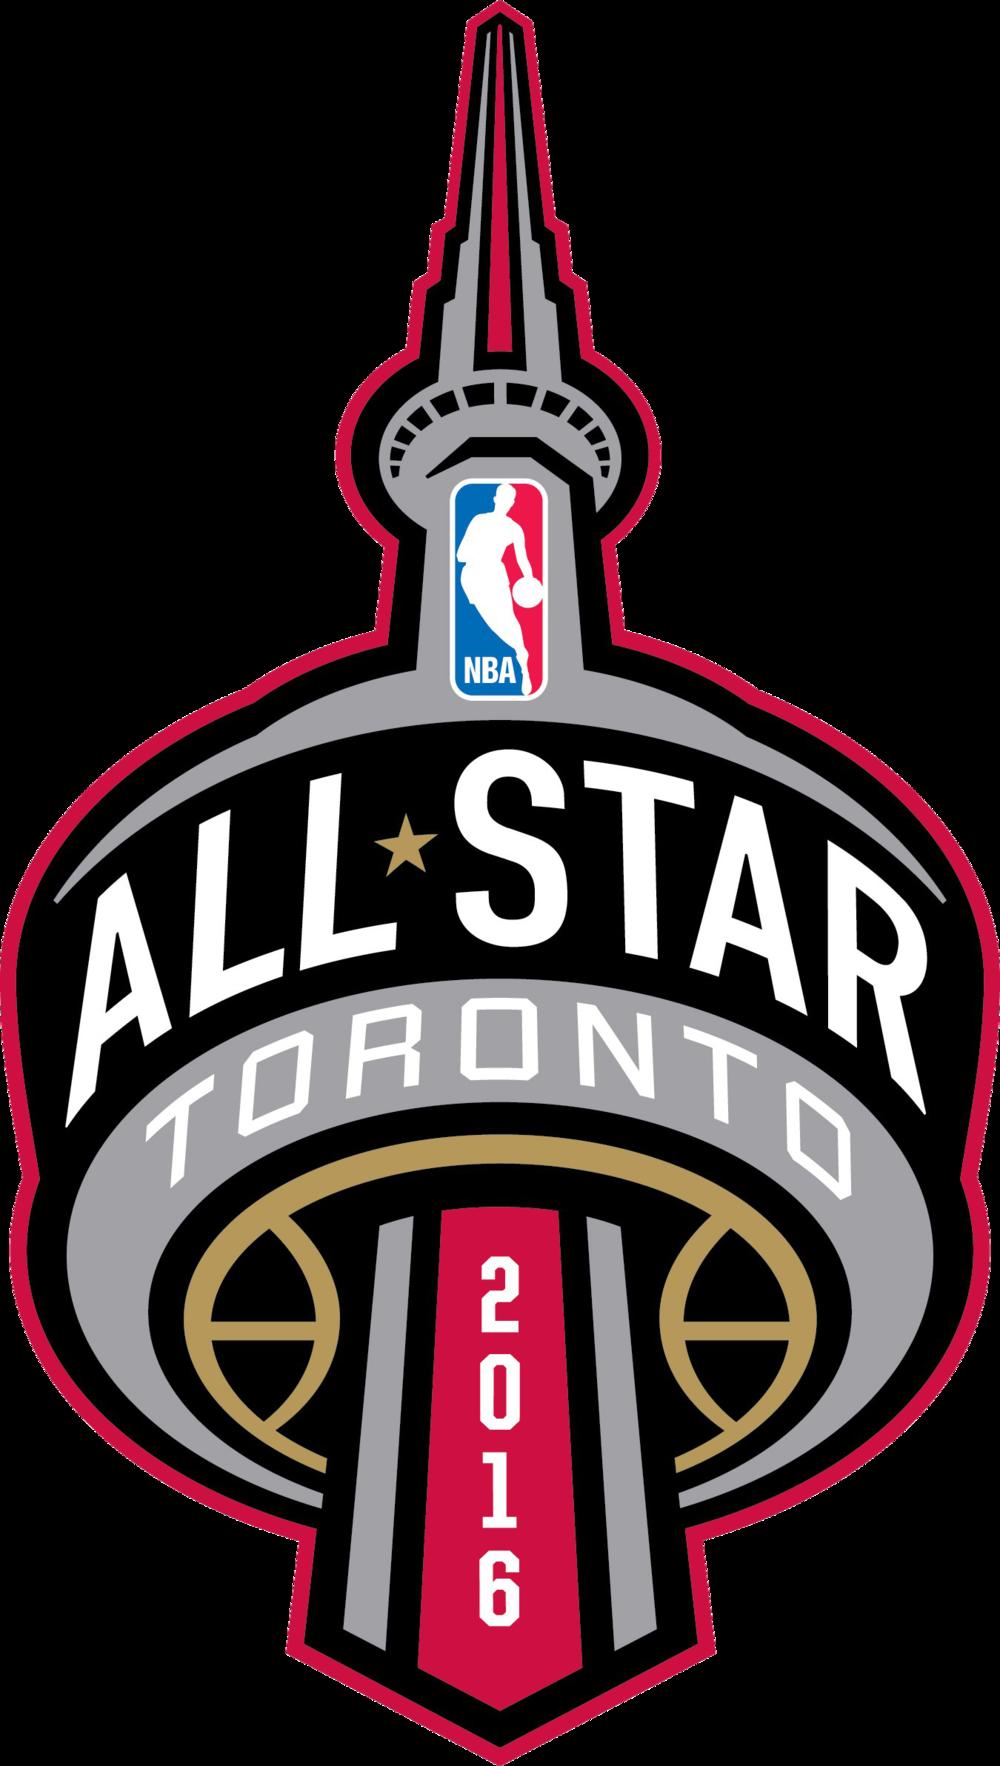 2016 NBA All-Star Maçı - Vikipedi